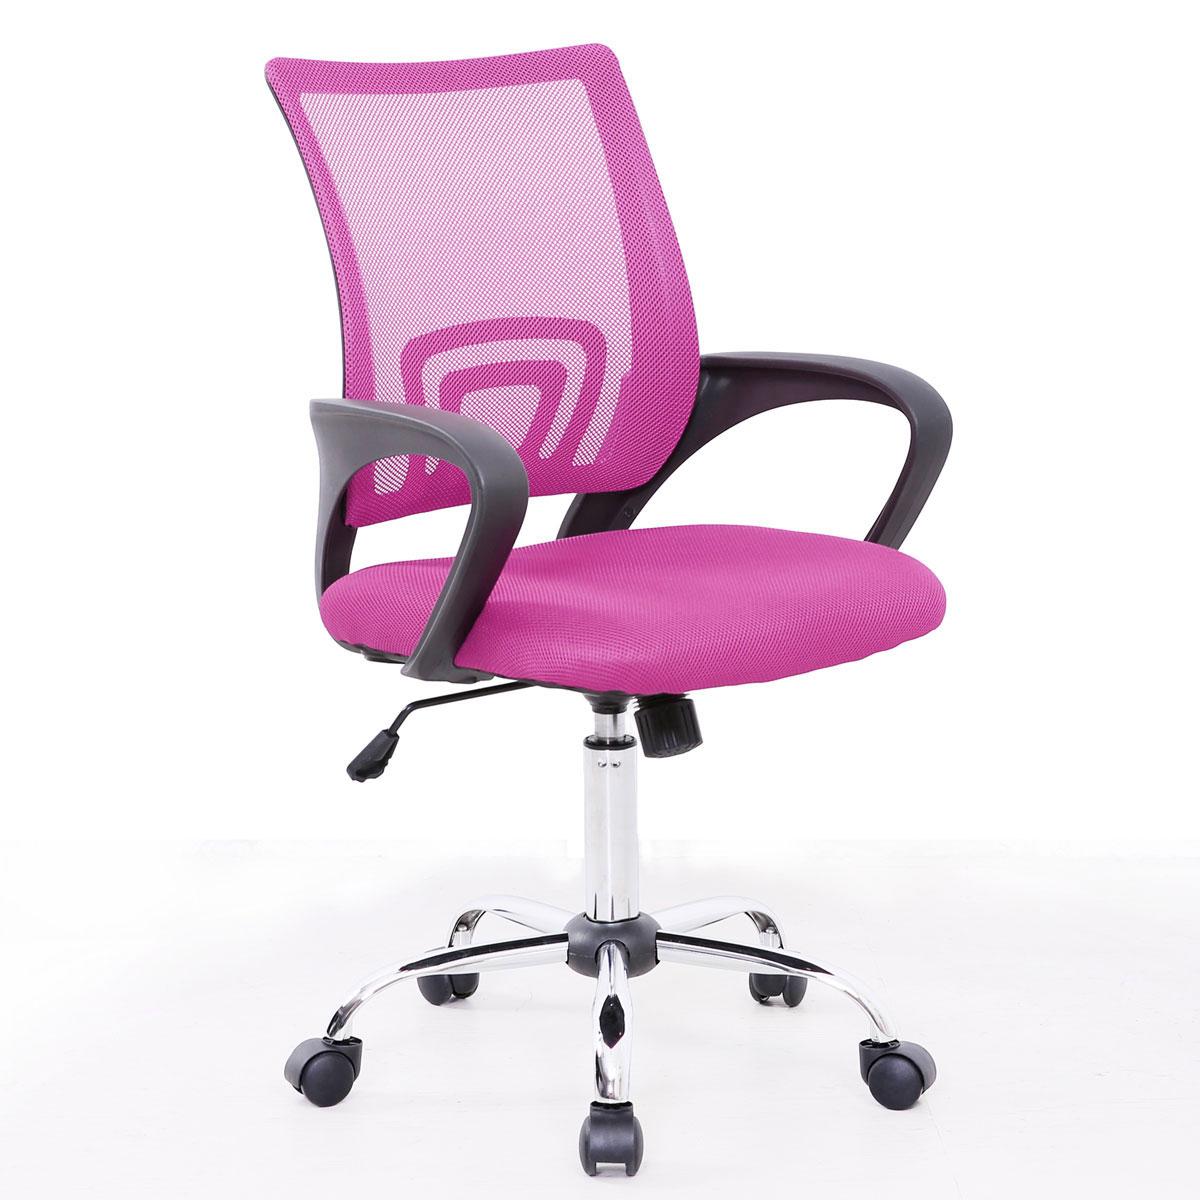 91206 SVITA CYDNEY Kinder Schreibtischstuhl Netzbezug pink